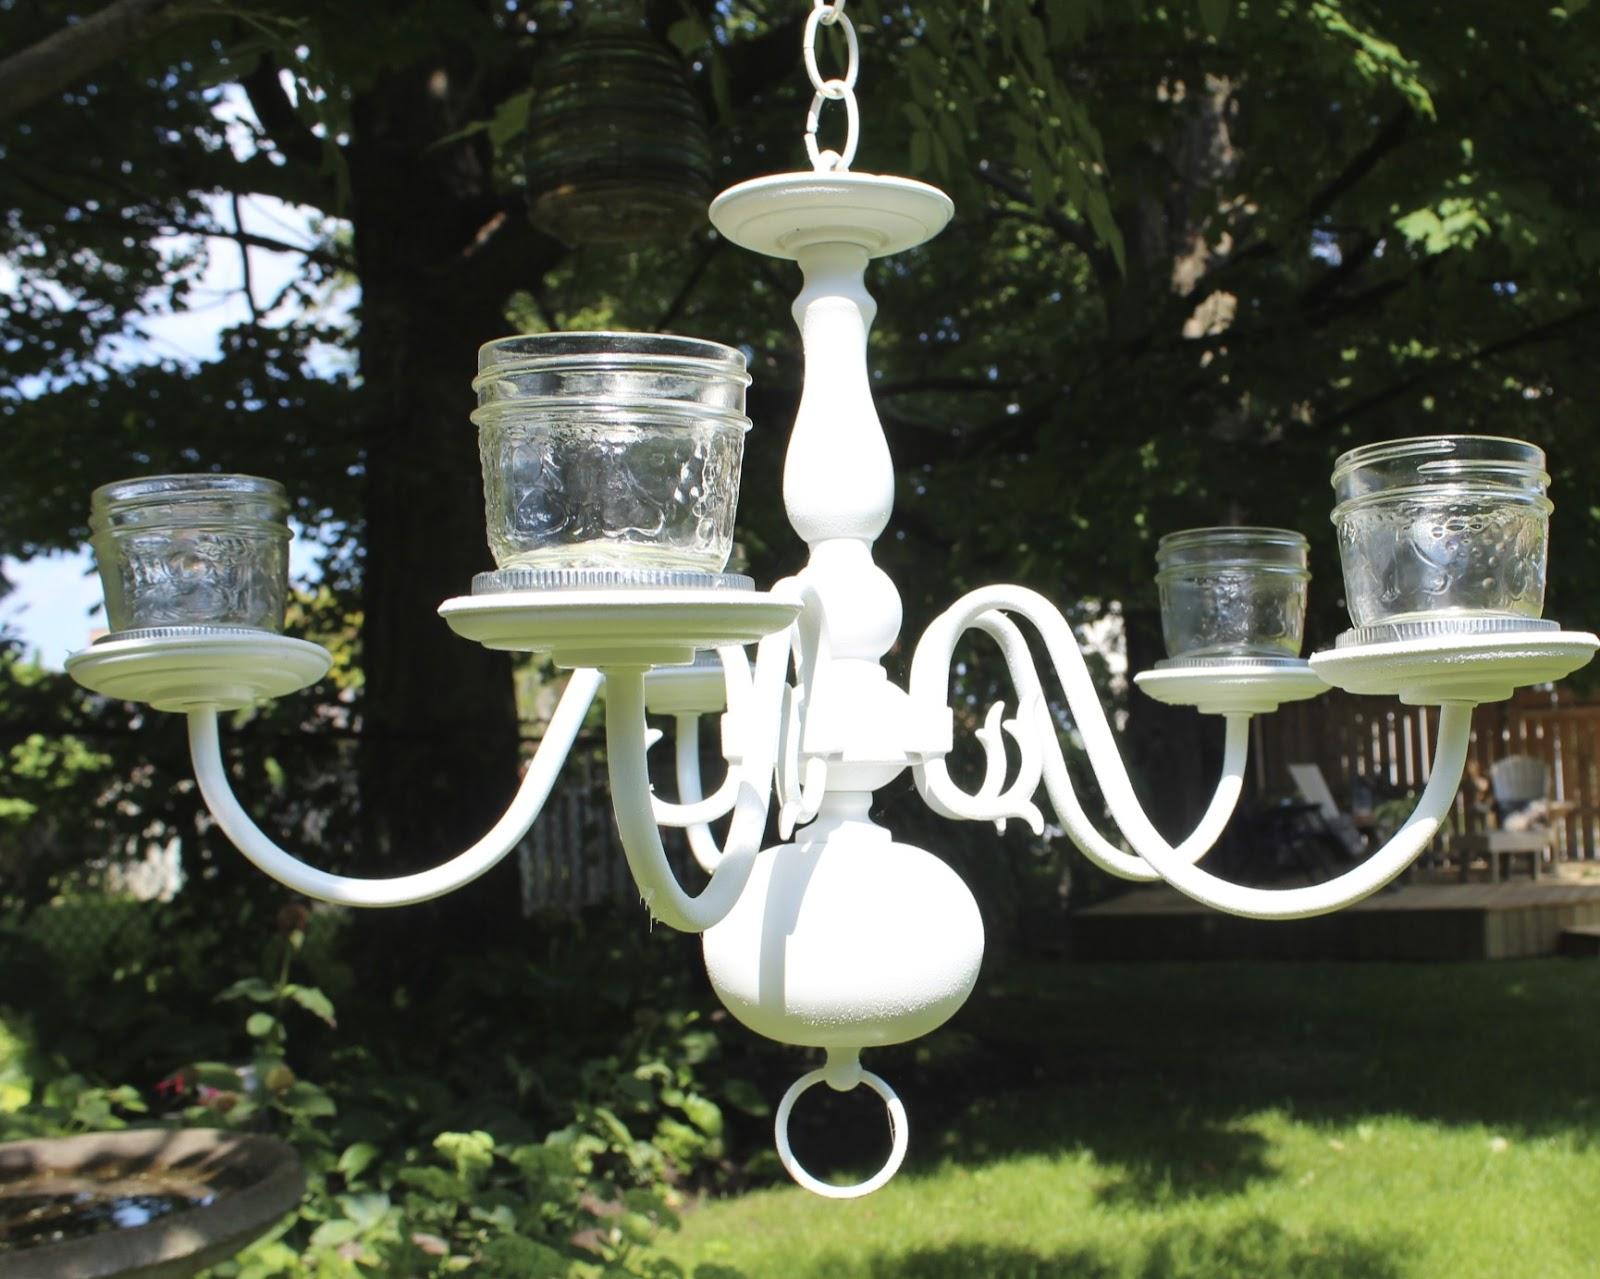 Outdoor chandeliers for sale decor ideasdecor ideas for Solar light chandelier diy